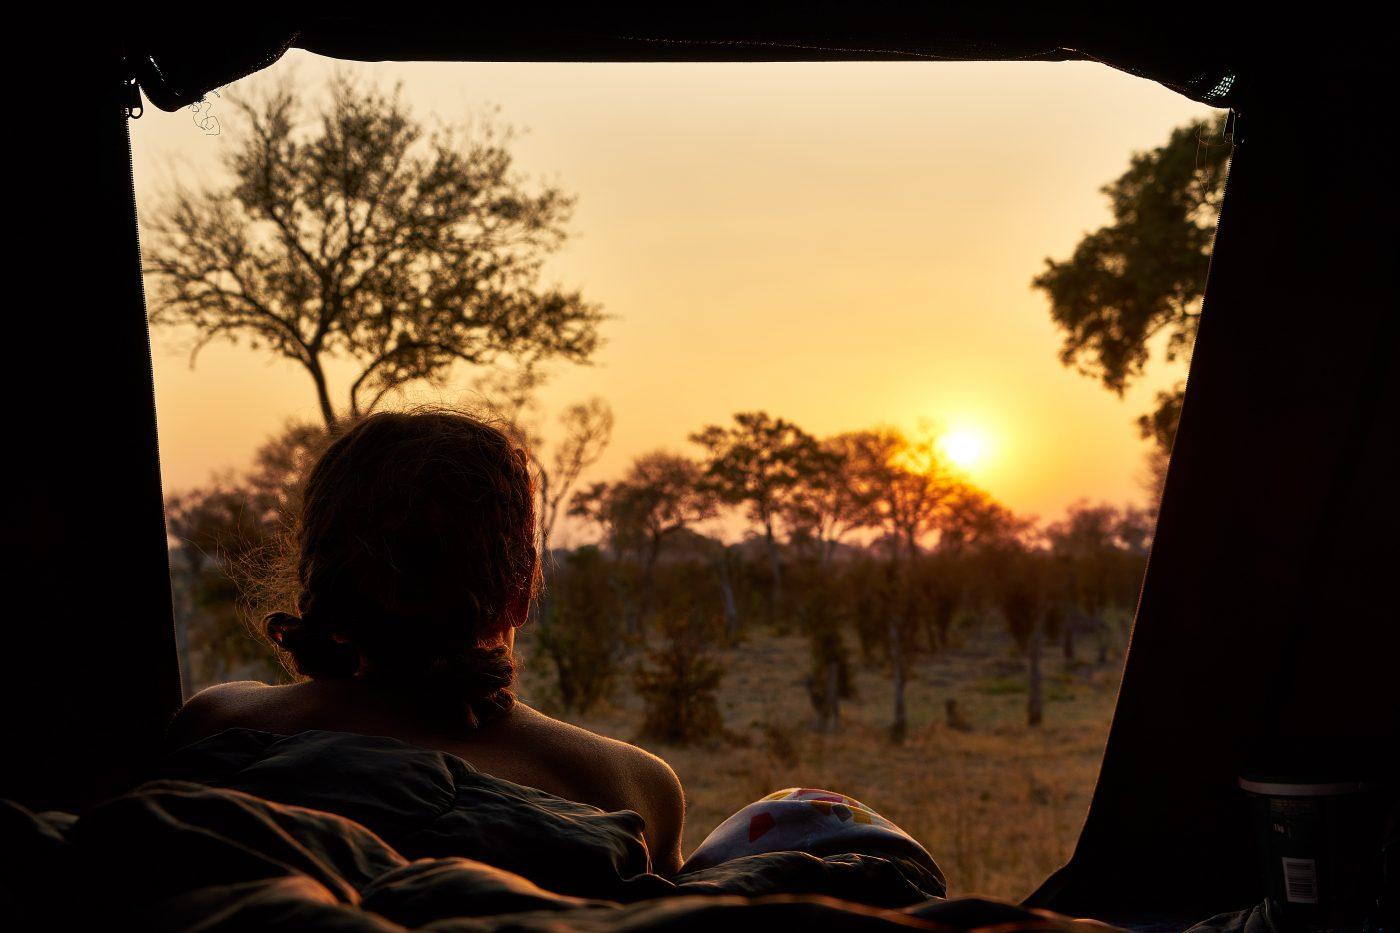 Minimalism: Watching the Safari Sunset